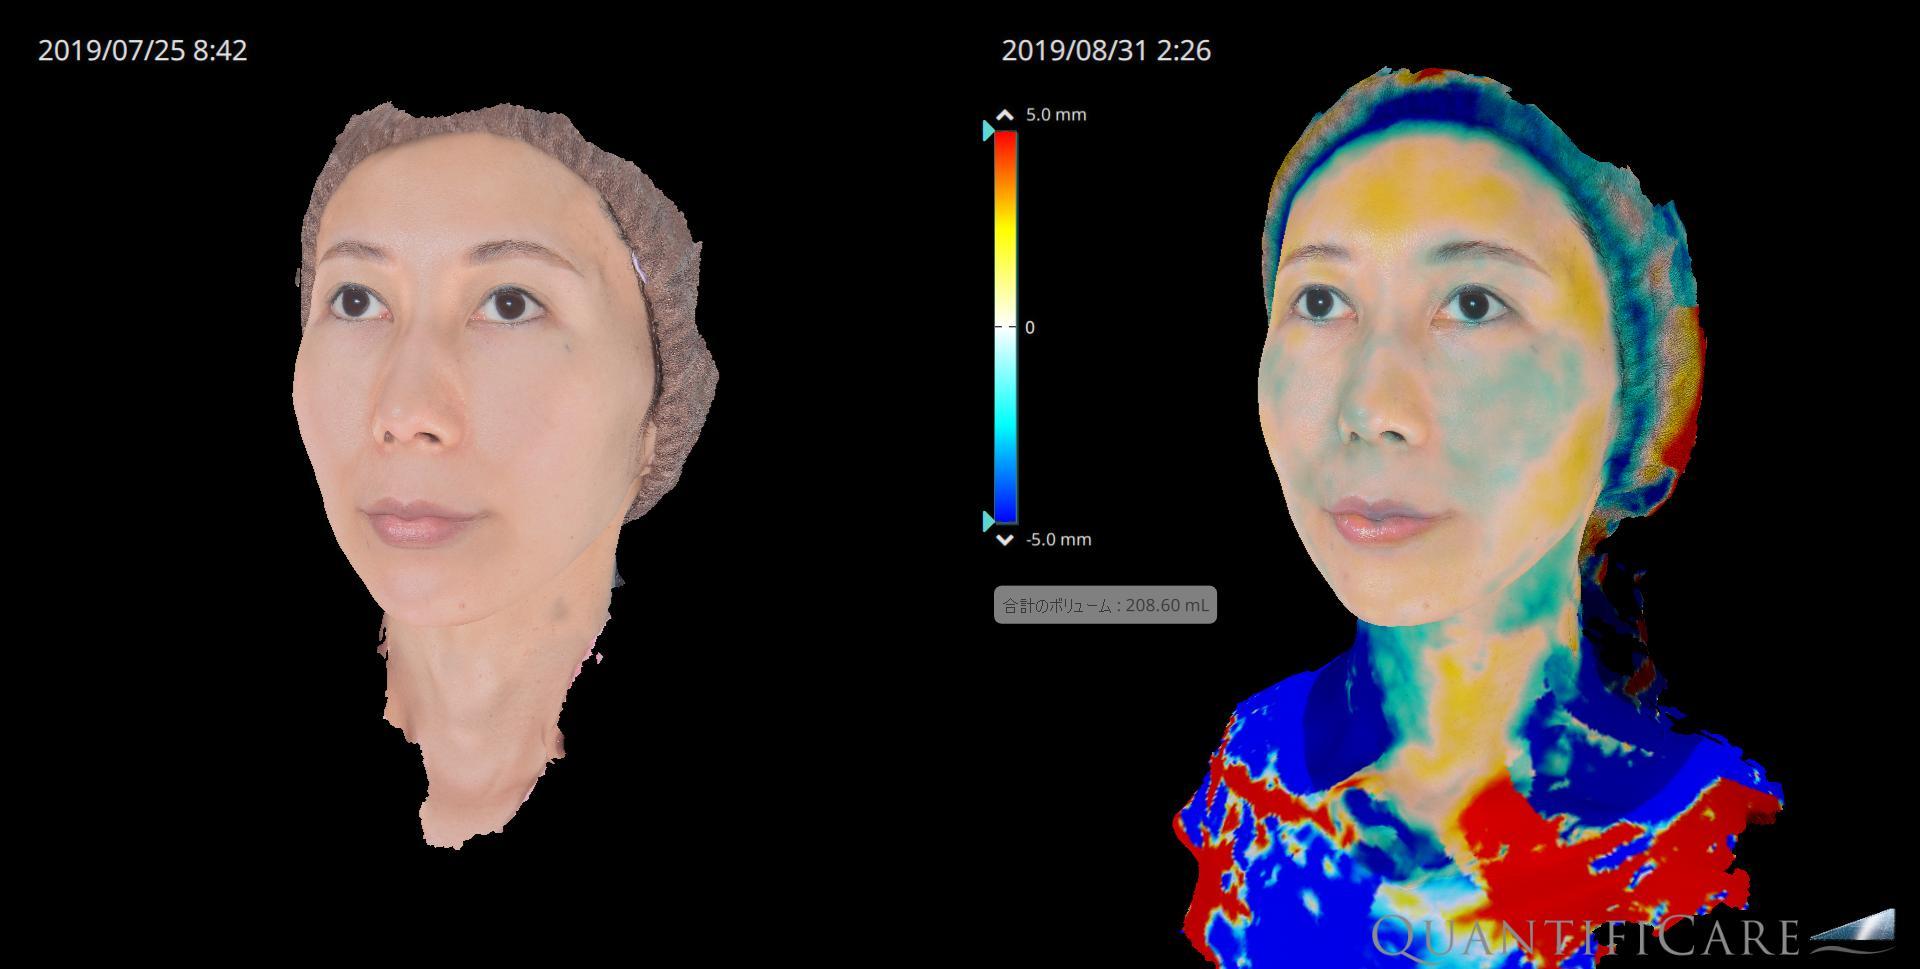 脂肪注入) before&after ボリューム変化